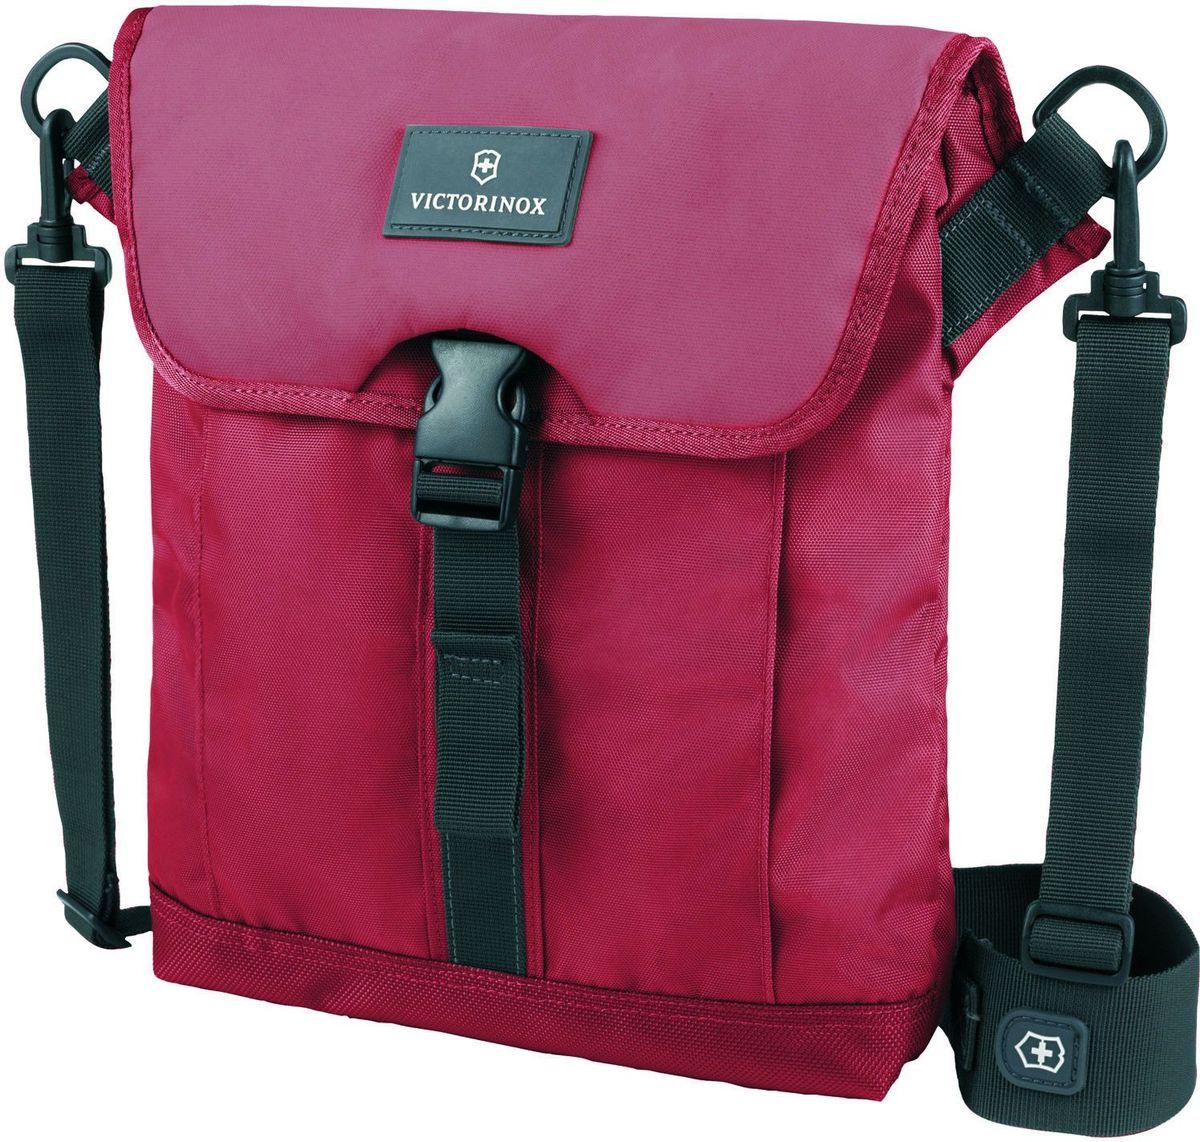 Сумка наплечная Victorinox Altmont 3.0 Flapover Bag, цвет: красный. 32389203ГризлиСумка наплечная Victorinox Altmont 3.0 Flapover Bag выполнена из высококачественного нейлона и оформлена фирменной нашивкой. Изделие оснащено мягким карманом для электронного устройства диагональю 10 (25 см) для хранения iPad, Kindle, планшета или электронной книги.Внешняя сторона включает в себя передний карман с застёжкой-клапаном.Лицевые, боковые и задние скрытые карманы на молнии обеспечивают дополнительную безопасность и места для хранения.Регулируемый съемный плечевой ремень для удобства переноски.